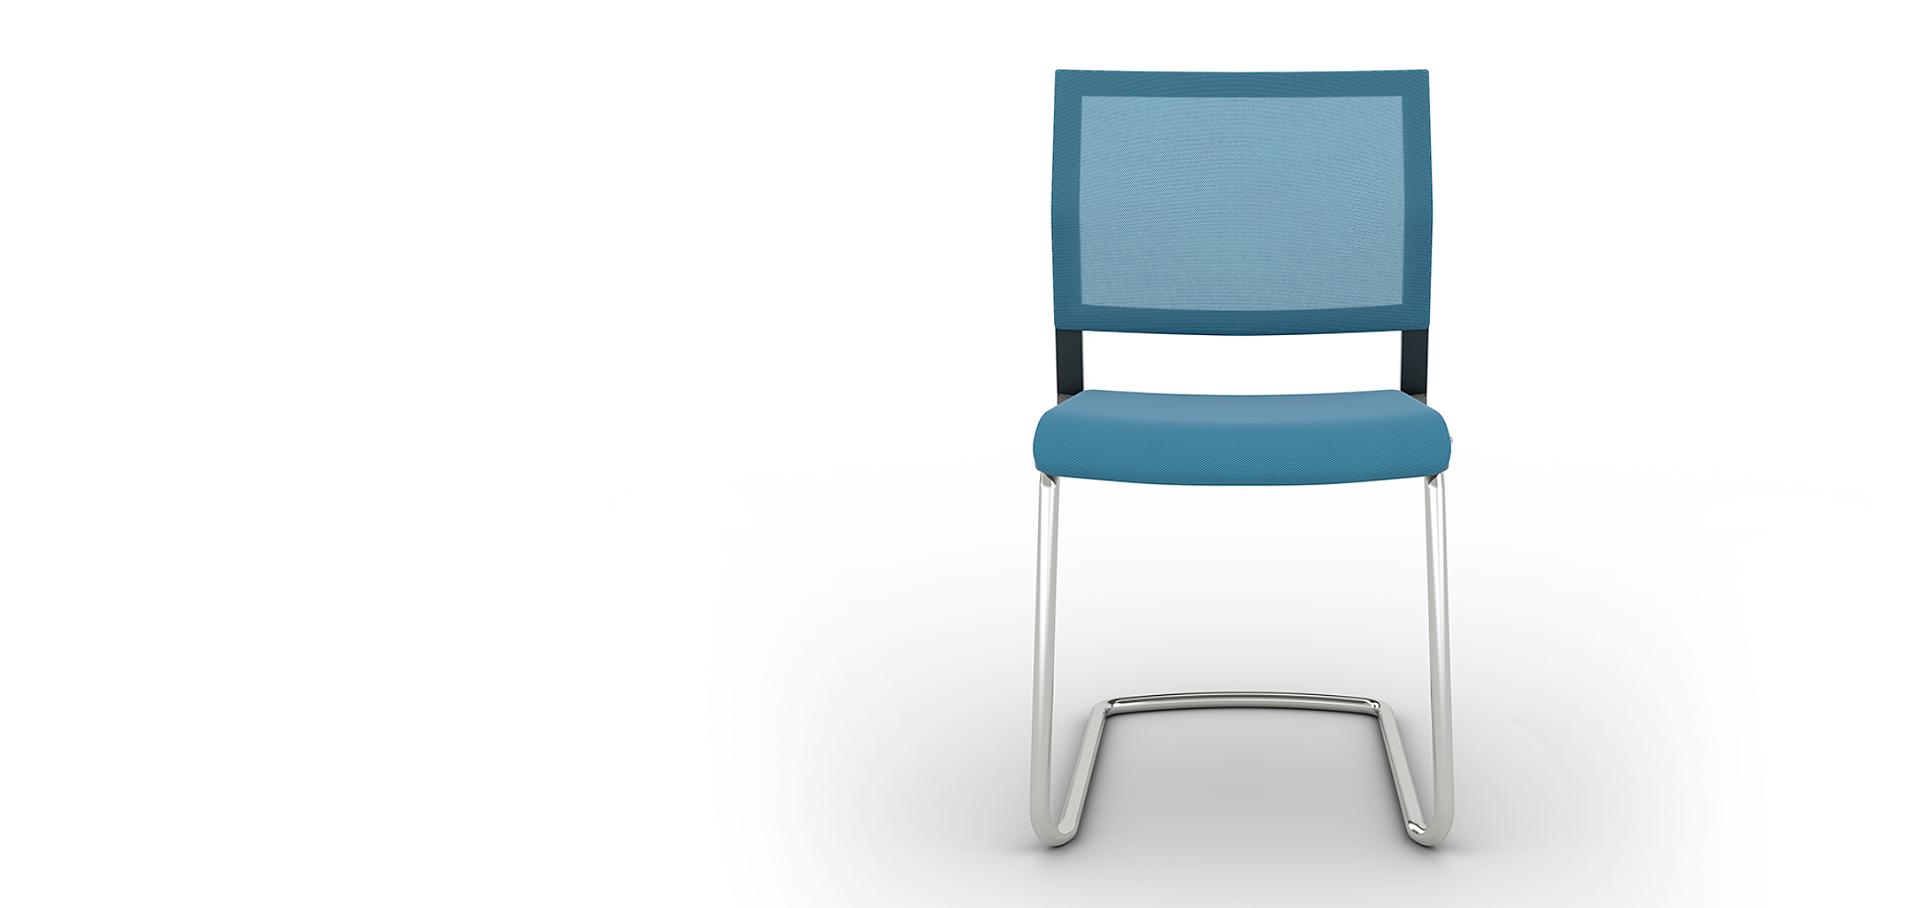 Универсальное немецкое кресло Impulse без подлокотников для посетителей и конференций, исполнение сидение ткань, спинка сетка, опора хром, пружинит, Это кресло обладатель серебряной премии NeoCon 2013